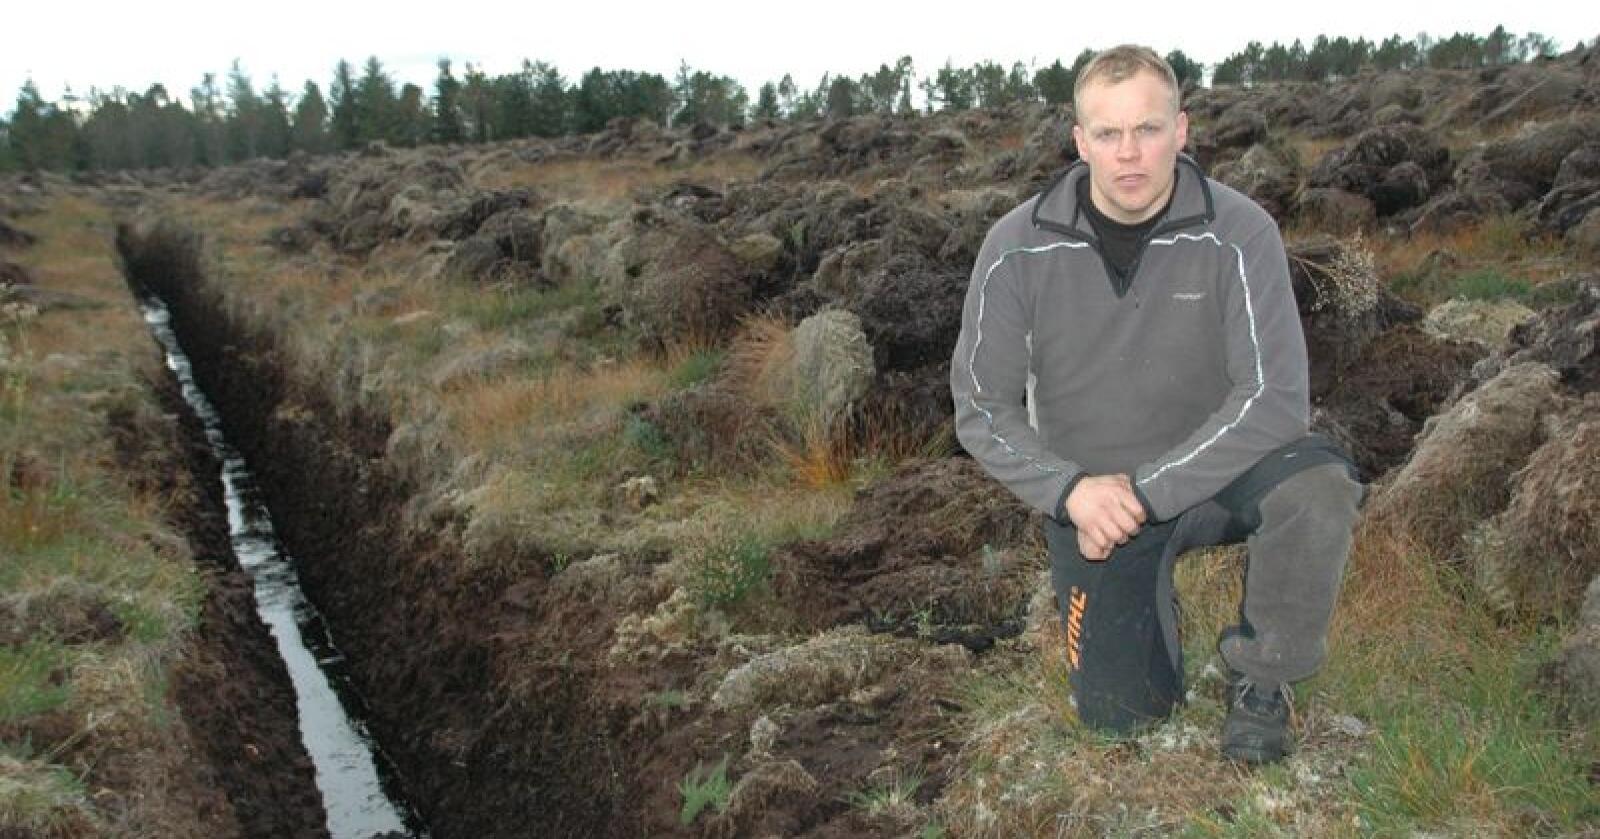 Betenkt: Ole Wegard Gjøstøl Iversen blir betenkt over framtida, når han hører hva regjeringen forslår. Her er han ved en grøftet myr på Smøla. Foto: Lars Olav Haug